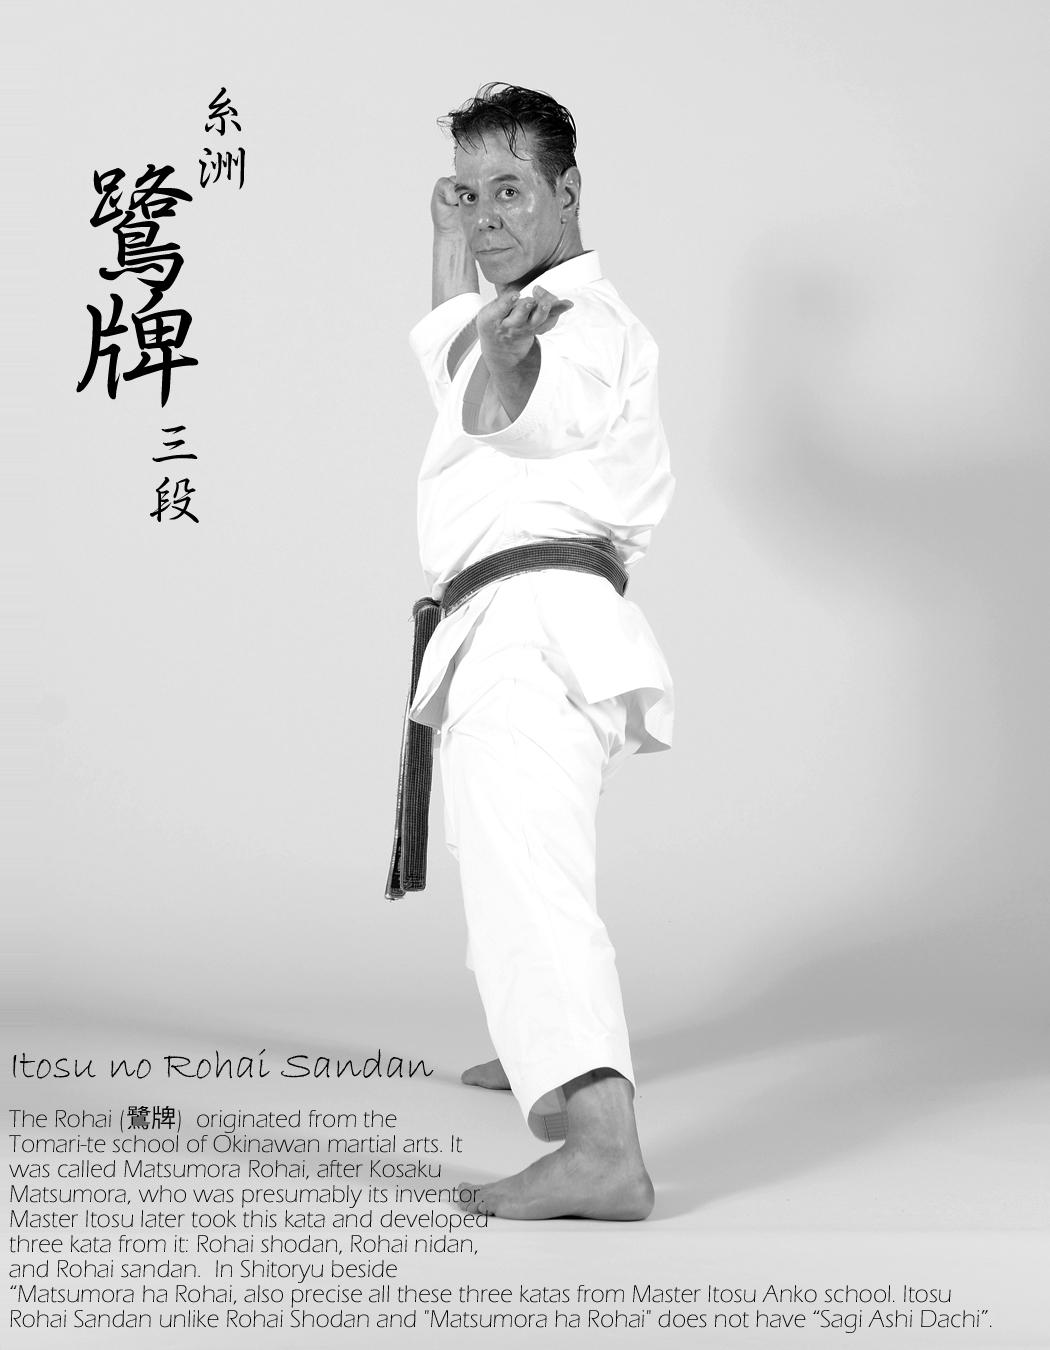 Sensei Tanzadeh Performing Itosu no Rohai Sandan